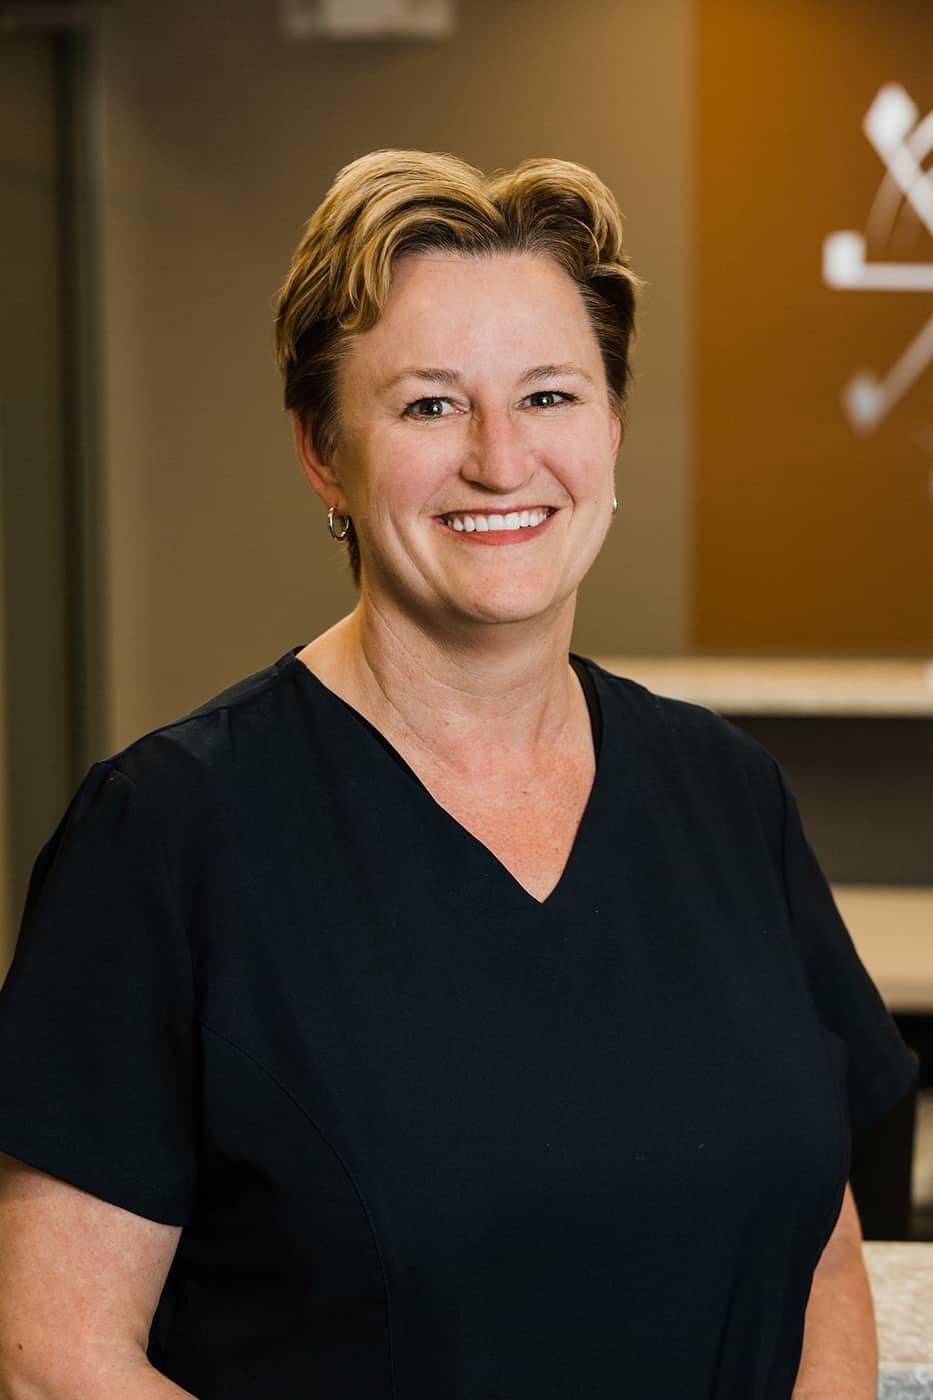 DrRuthMaccara 1 Dr. Ruth Maccara New Hamburg Dental Group